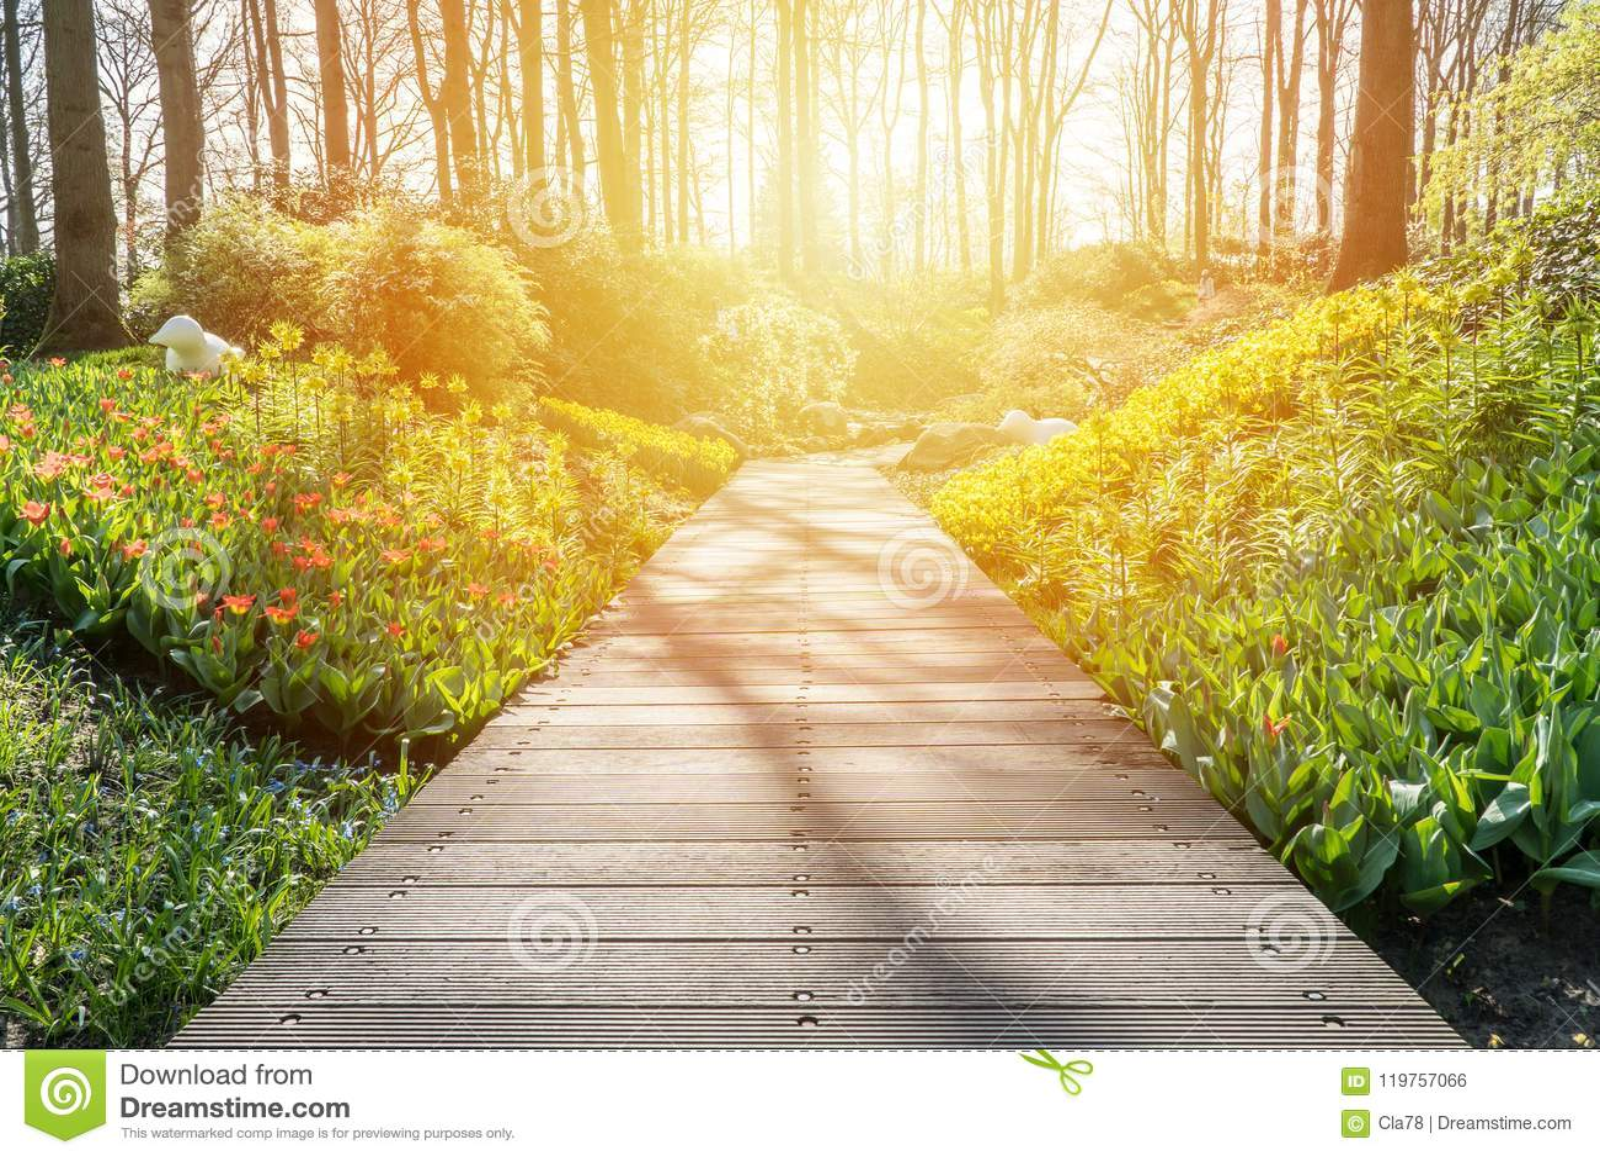 Boardwalk in a beautiful garden stock photo image of idyllic boardwalk in a beautiful garden izmirmasajfo